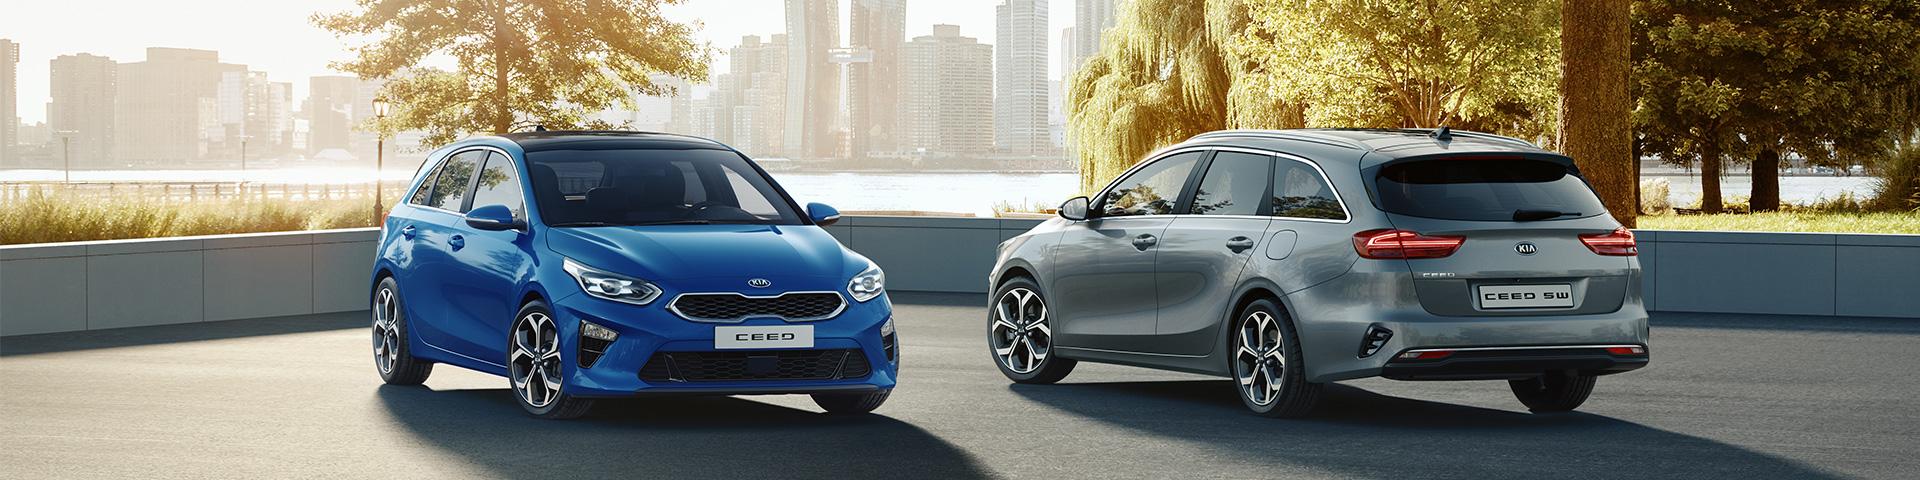 Kia Zakelijk - Partner in business | Kia Motors Nederland